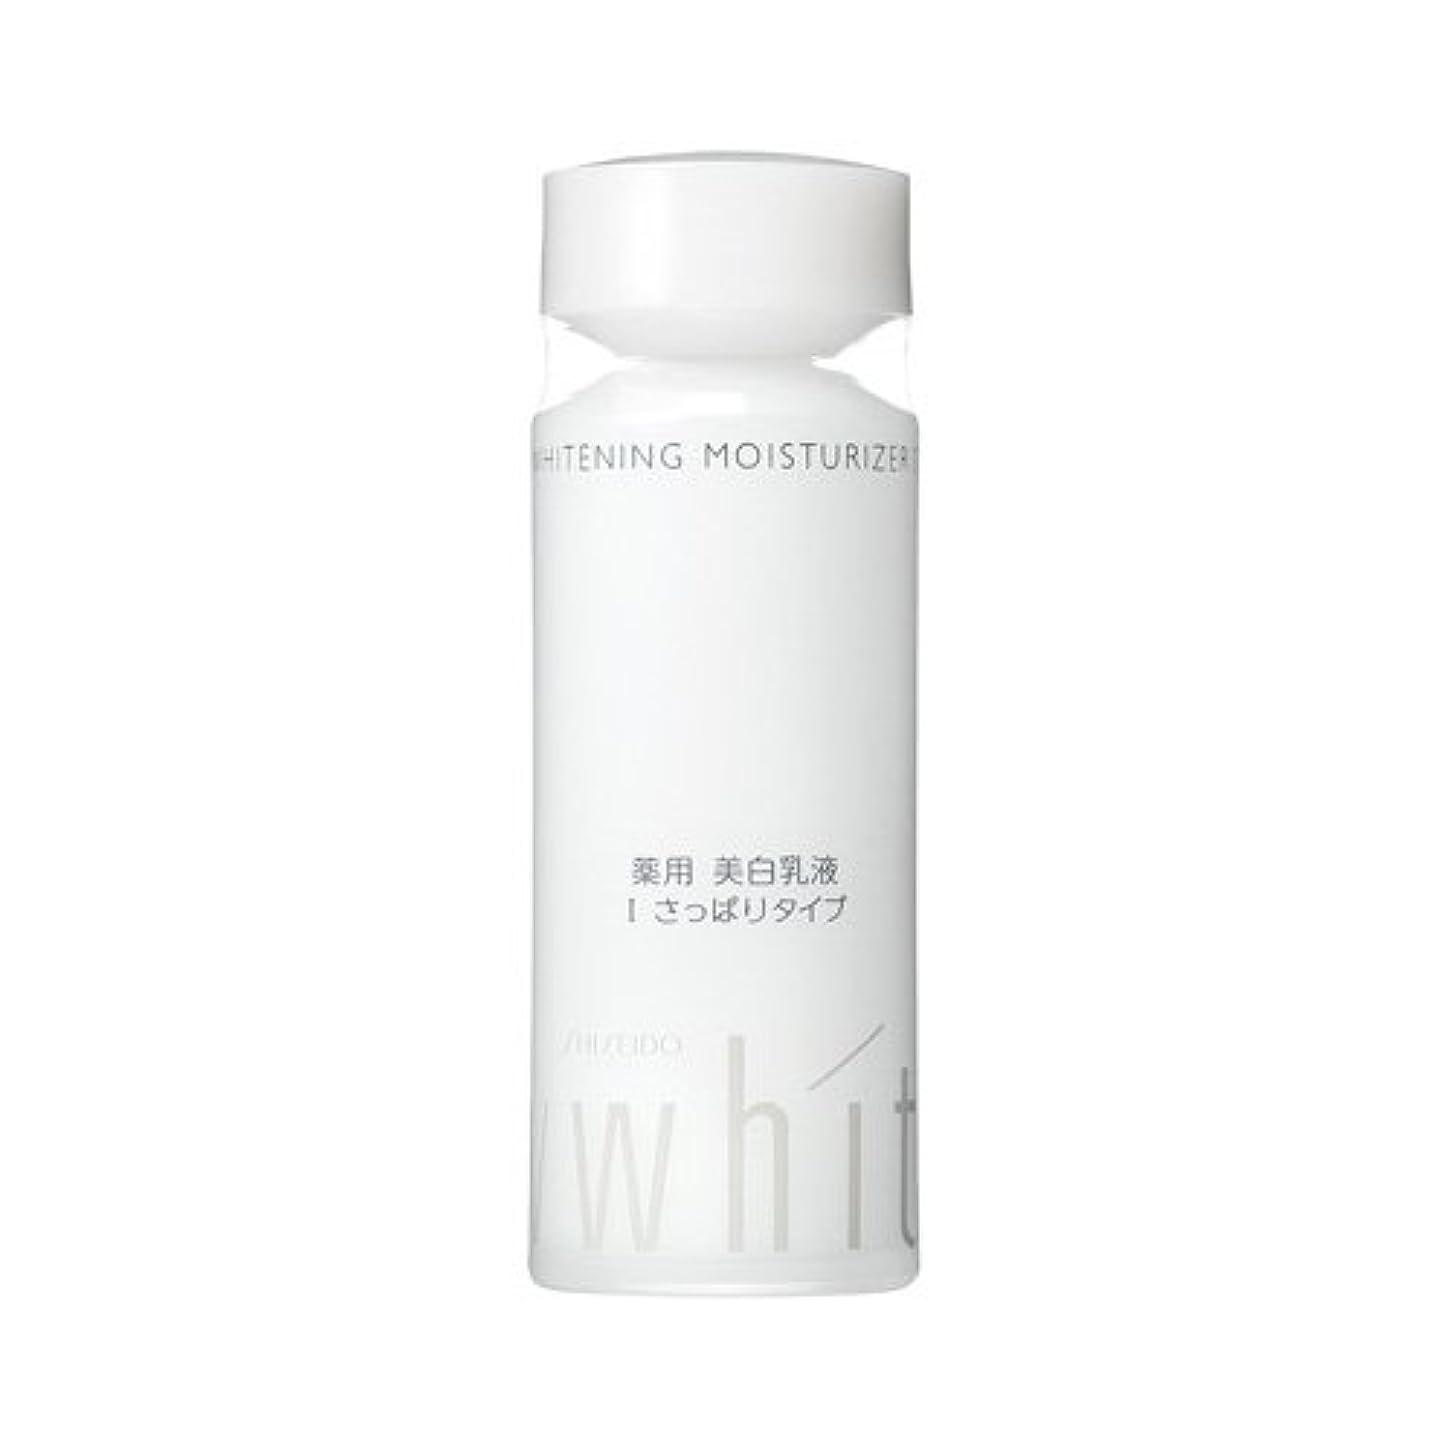 アーク役に立たないユーヴィーホワイト ホワイトニング モイスチャーライザーⅠ 乳液(夜用) 100ml